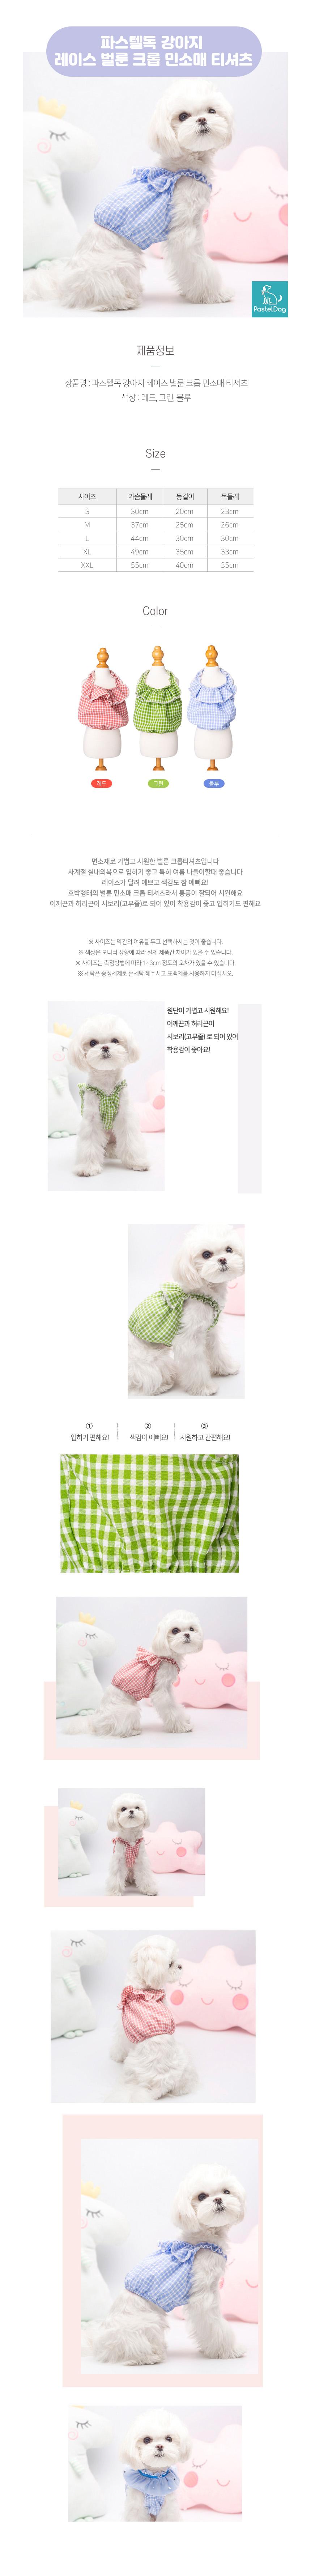 파스텔독 강아지 레이스 벌룬 크롭 민소매 티셔츠 - 멍뭉스, 11,900원, 의류/액세서리, 의류